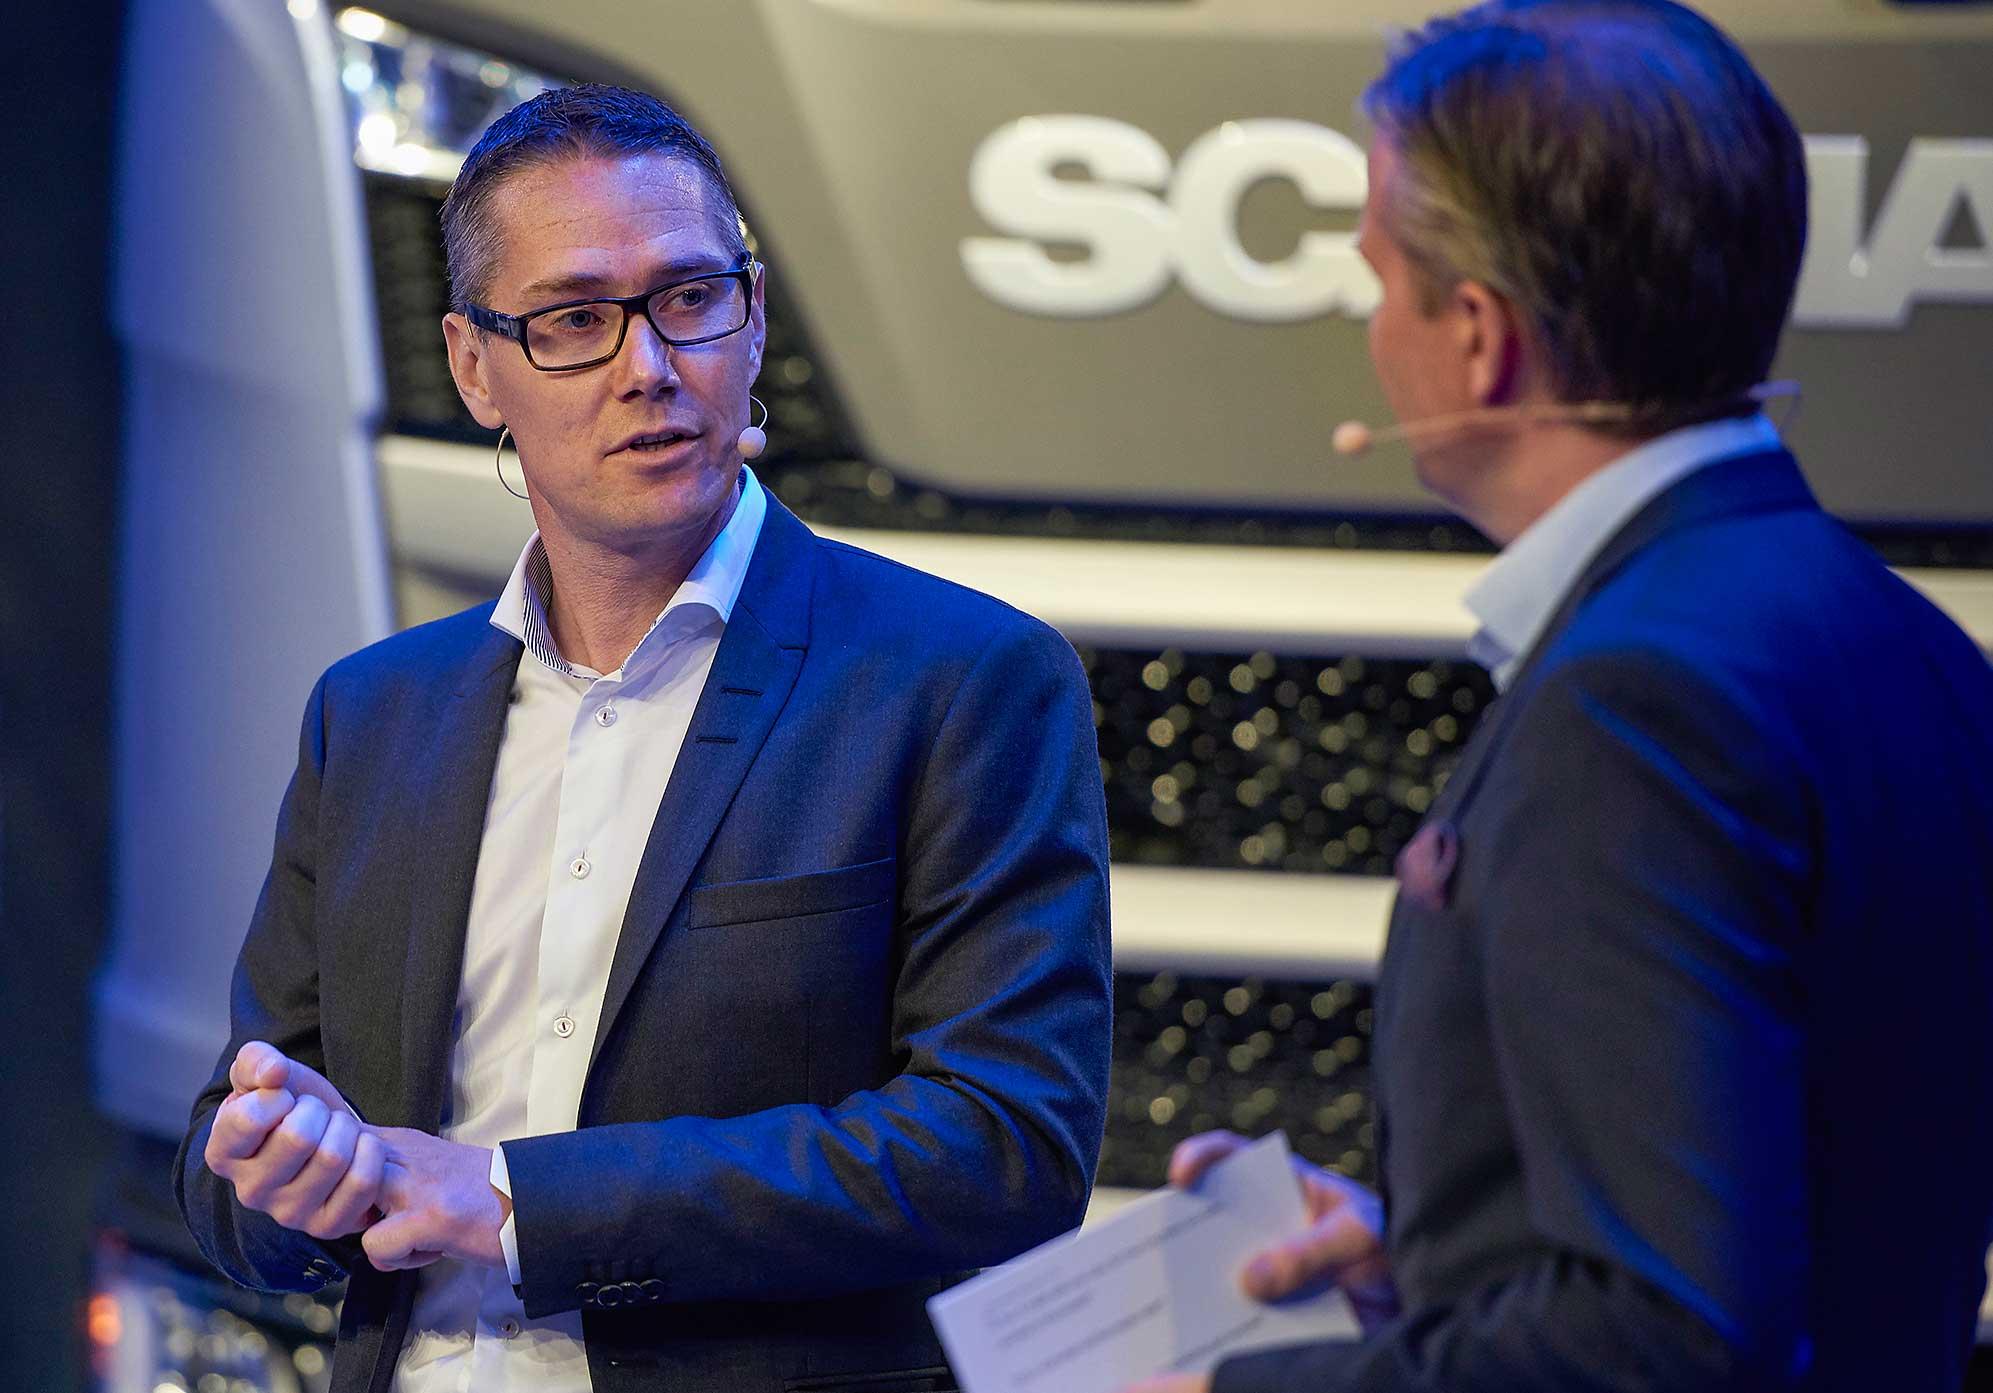 Ларс Бюгден и Эрик Юнгберг, старший вице-президент и директор по корпоративным отношениям в Сёдертелье (Швеция).